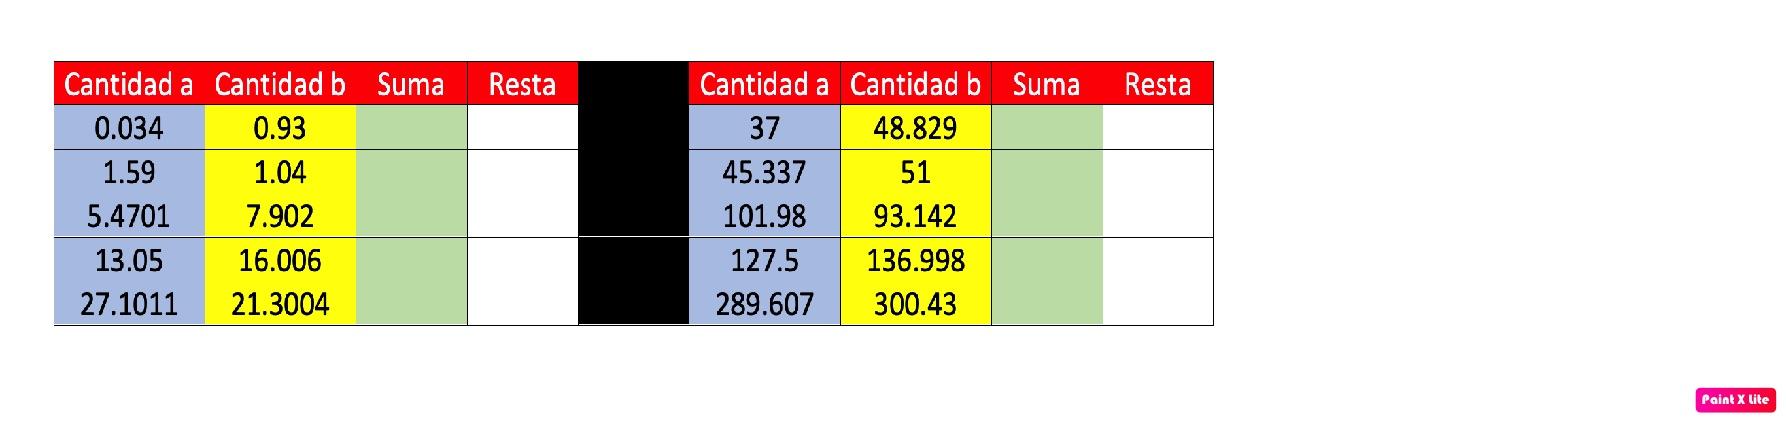 La+suma+es%2C+la+resta+es.jpg